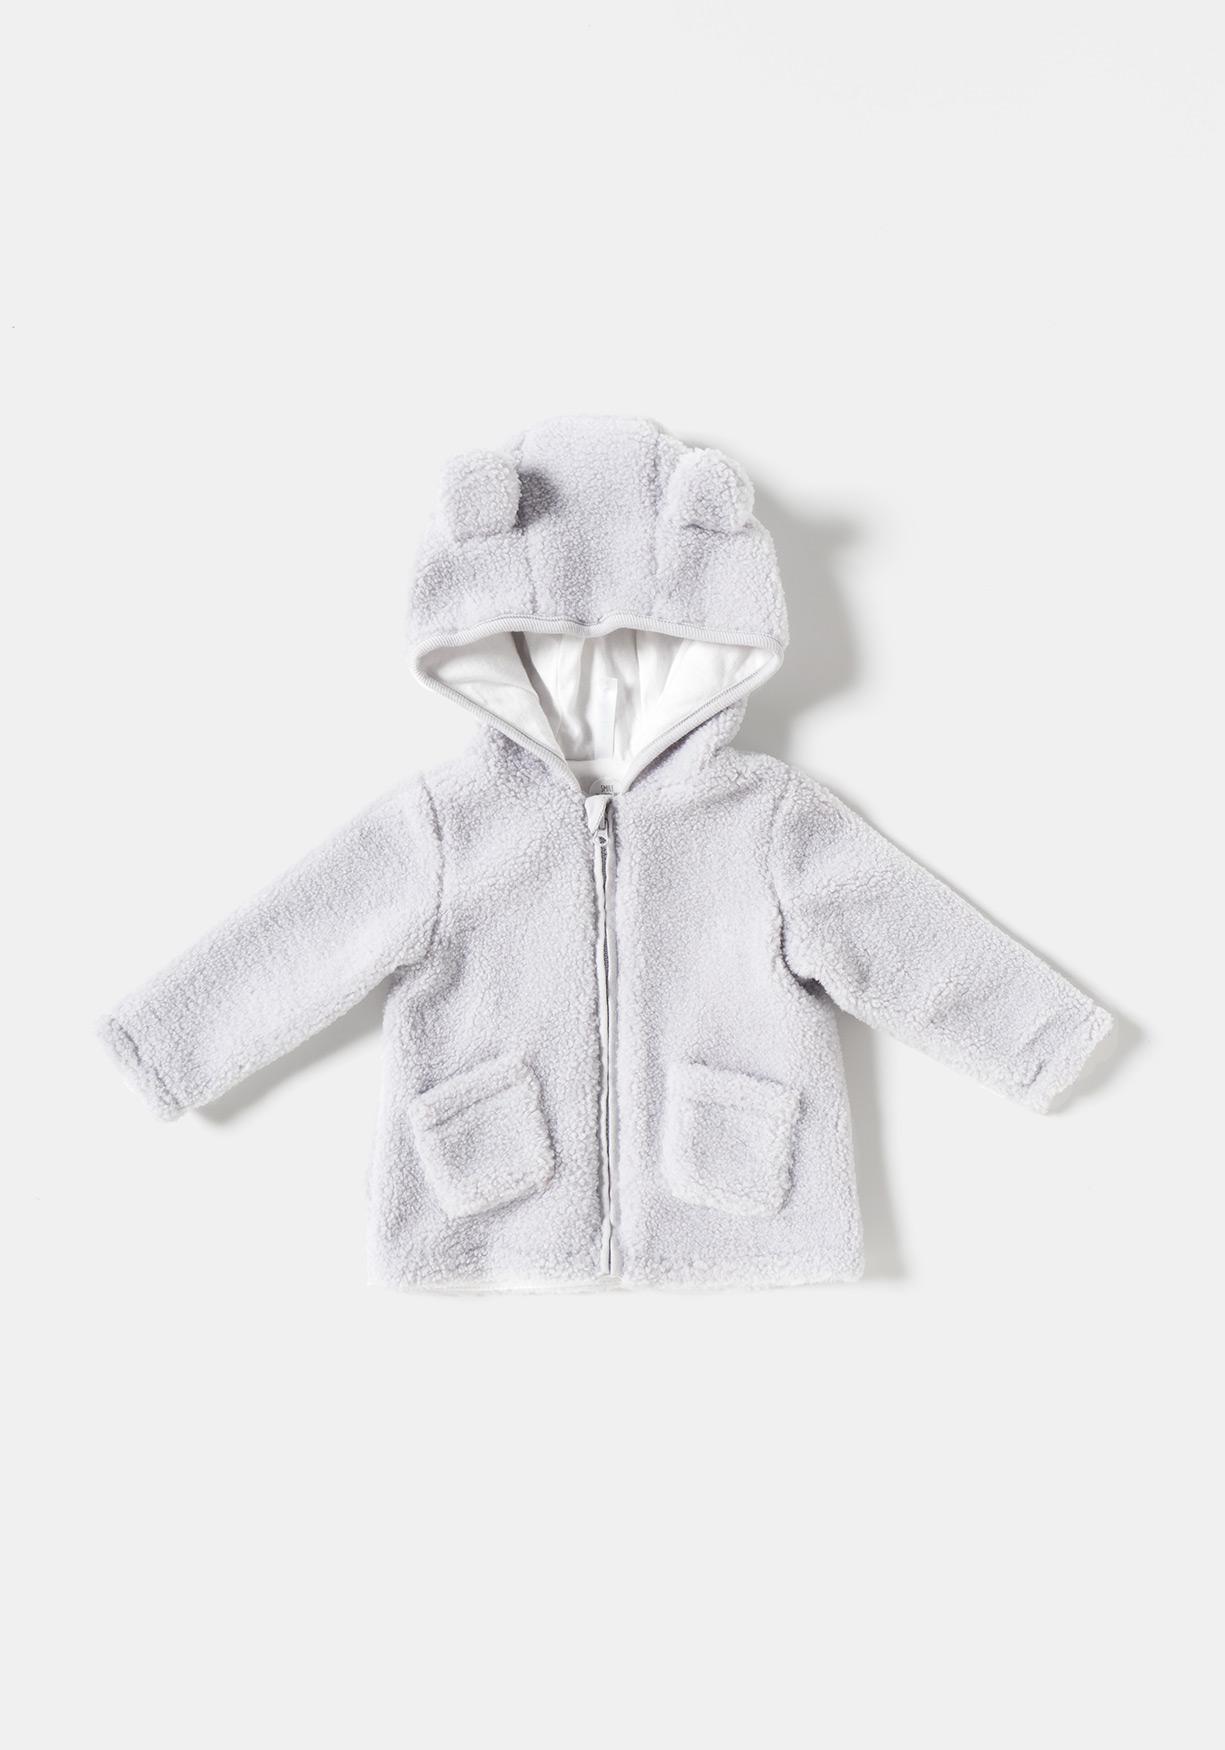 81cb62a2a Comprar Parka con capucha para recién nacido unisex TEX ...